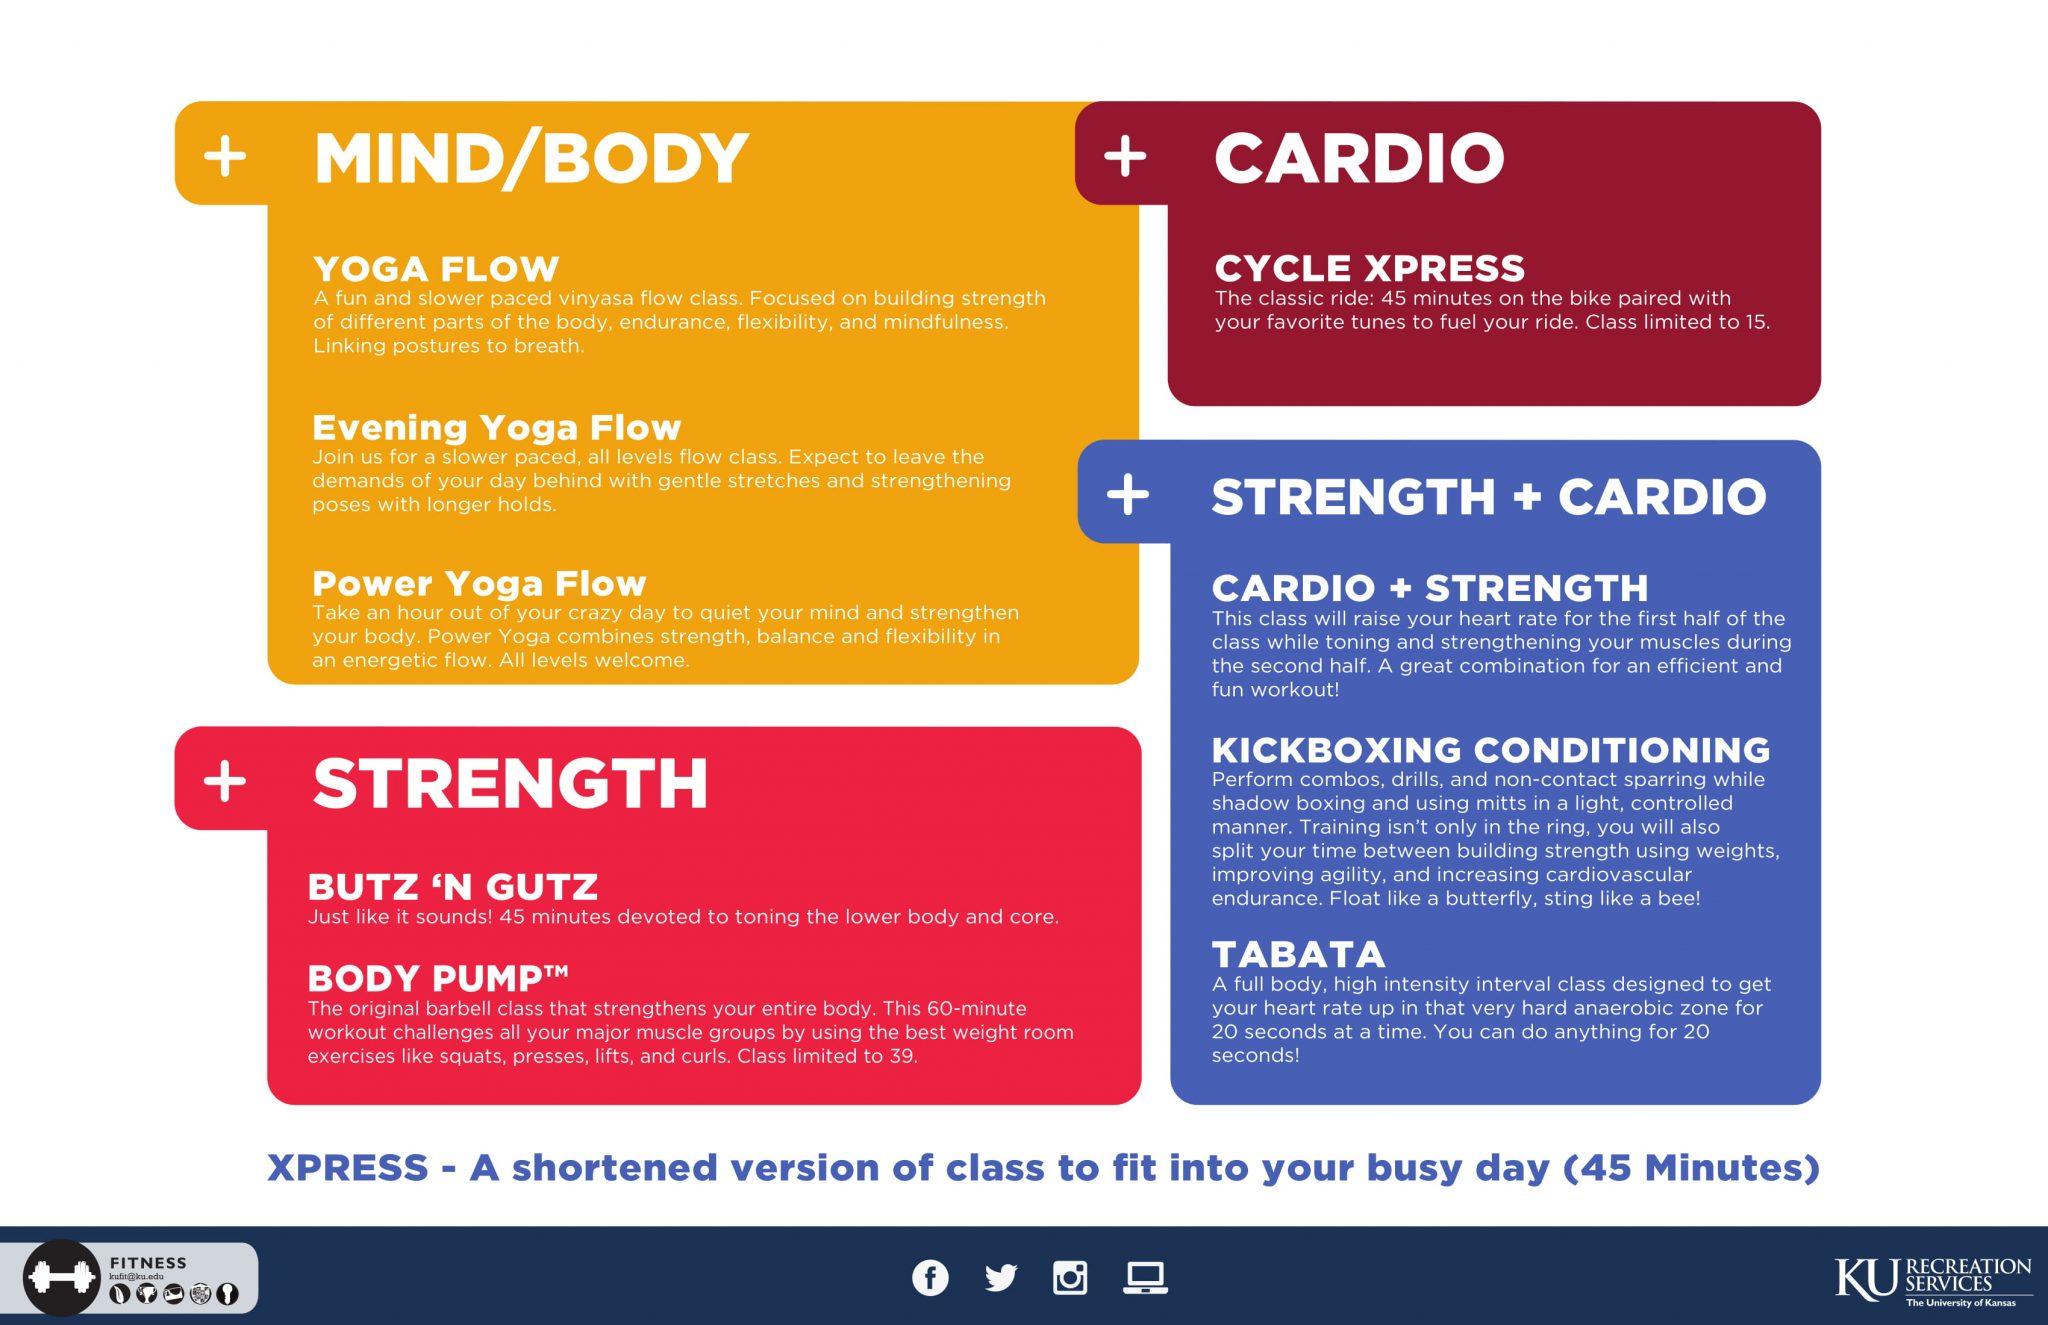 KU Fit Summer Group Fitness Class Descriptions